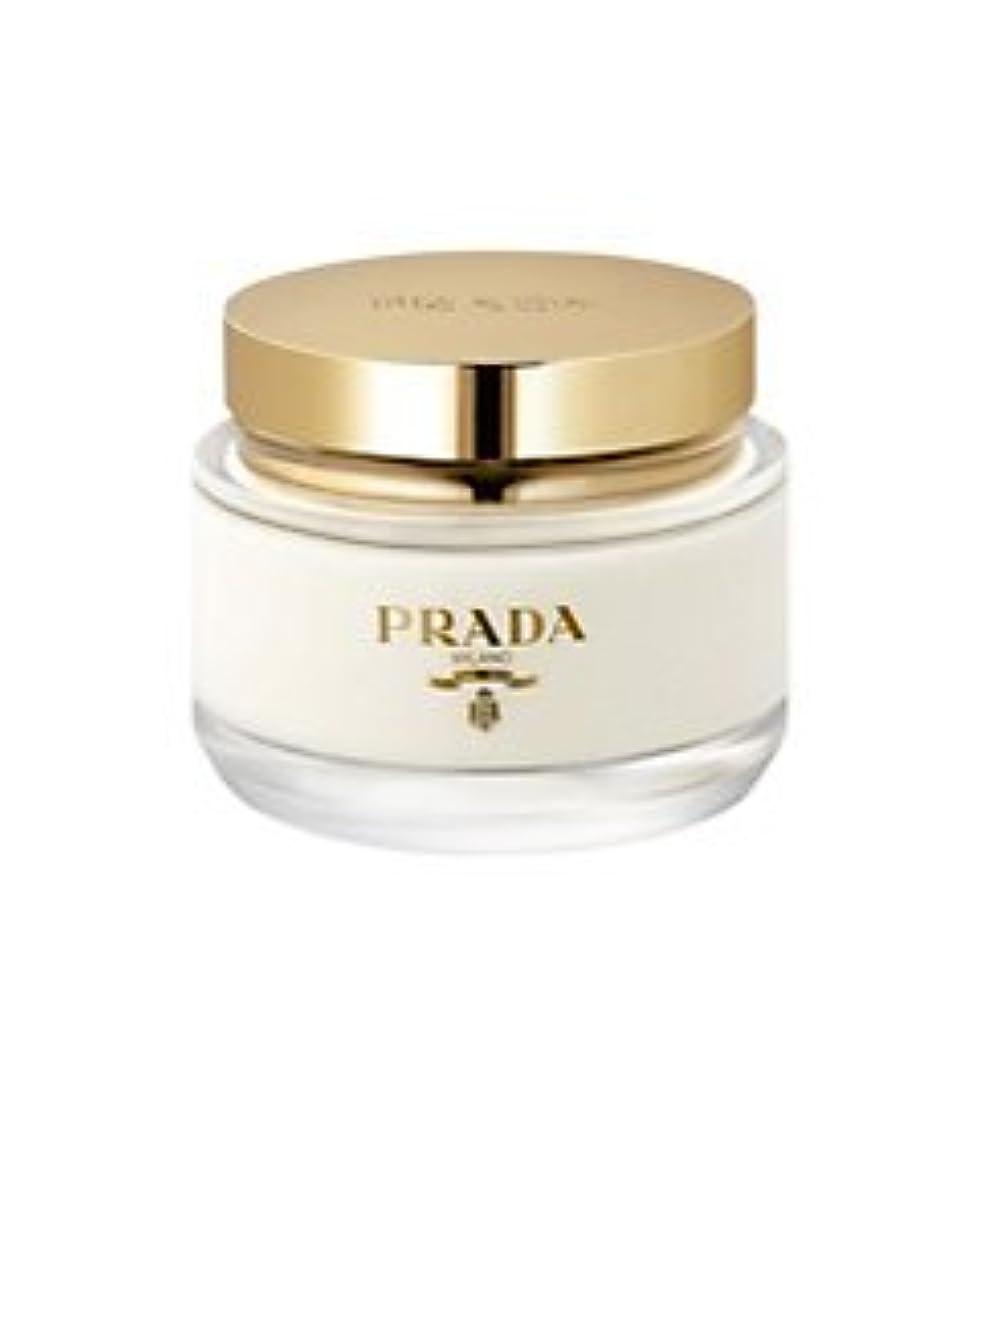 玉海軍インタネットを見るLa Femme Prada (ラ フェム プラダ) 6.7 oz (200ml) Body Cream for Women